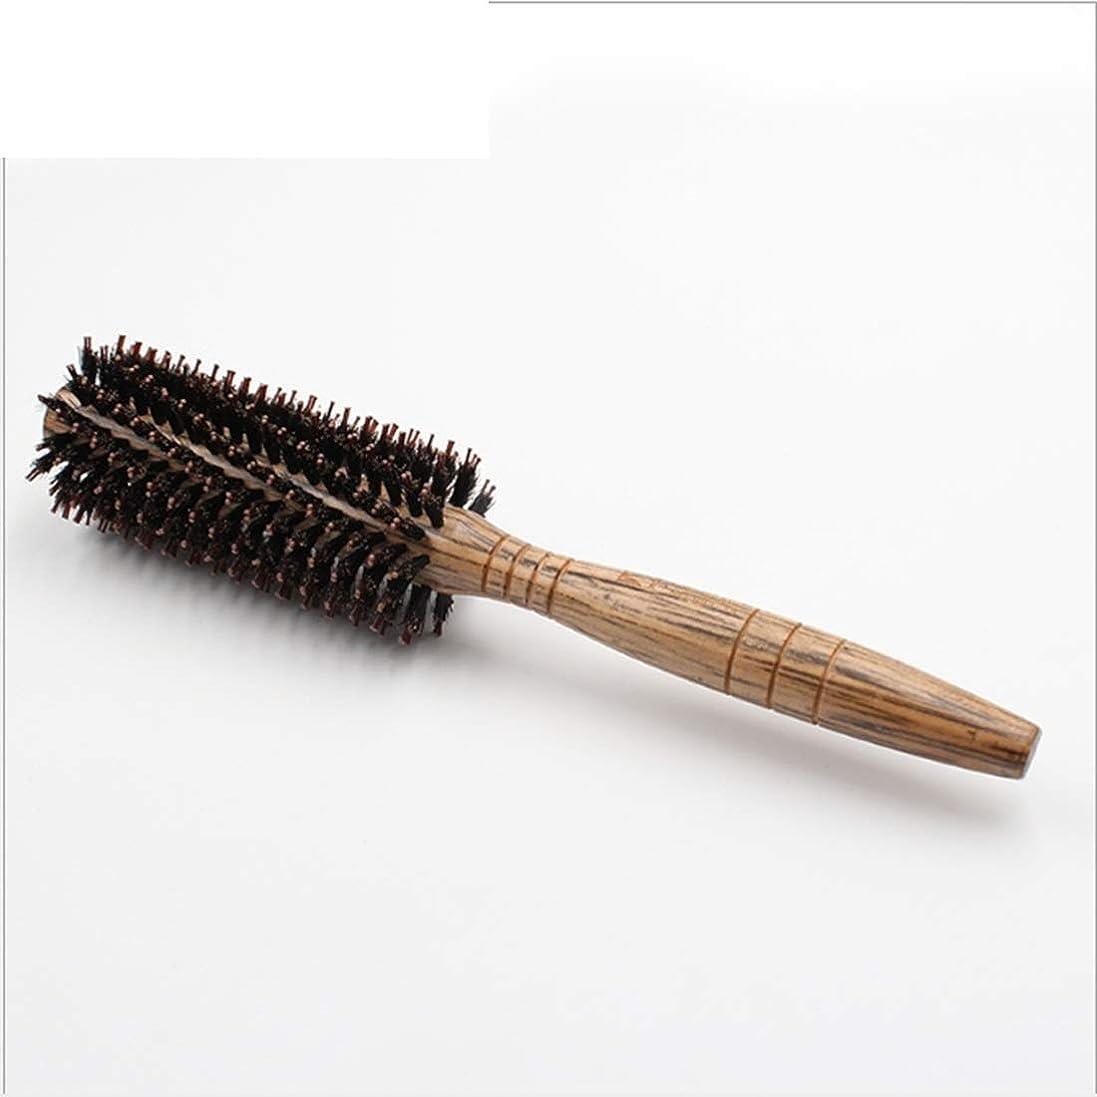 パッケージ透明に規制女性のためのヘアブラシラージフラワーコーム - 24cmの長さ - ヘアブラシ女性は、スタイル、カール、およびドライヘアに吹く乾燥中に使用される木製のハンドルとカーリー&Stragight髪の櫛 (サイズ : M)